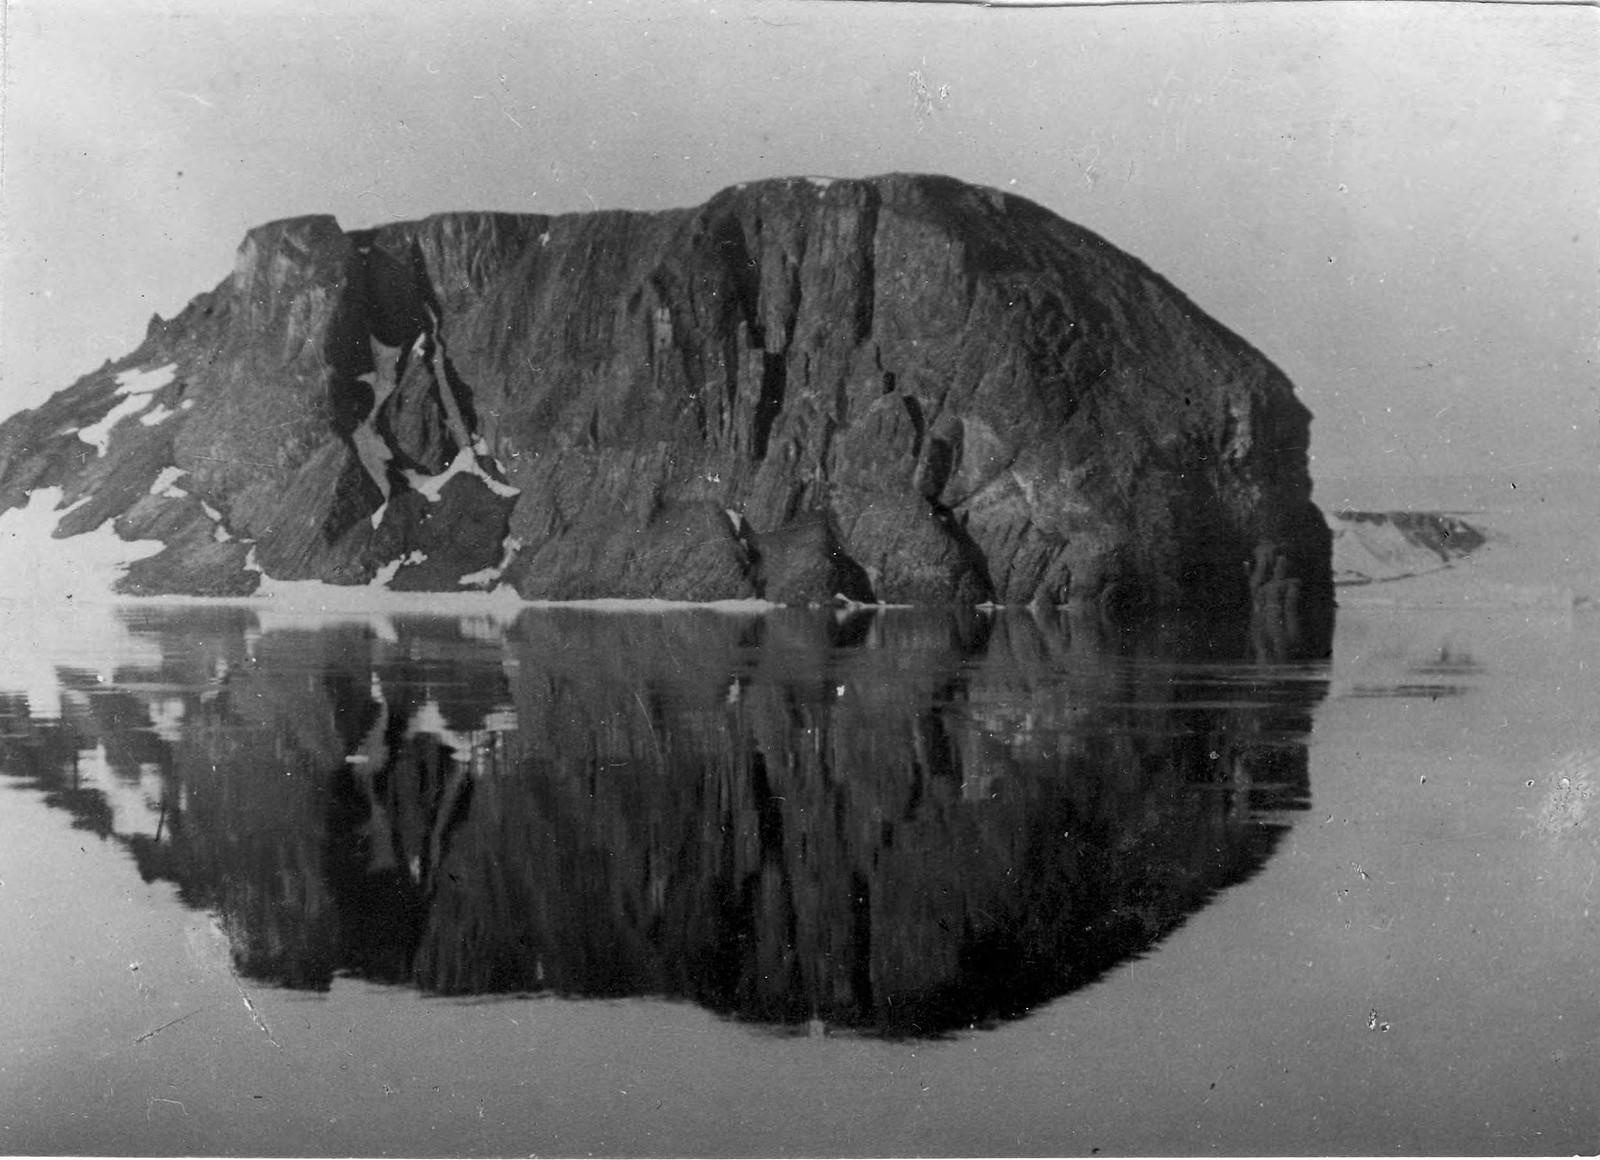 Скала и ее отражение в воде